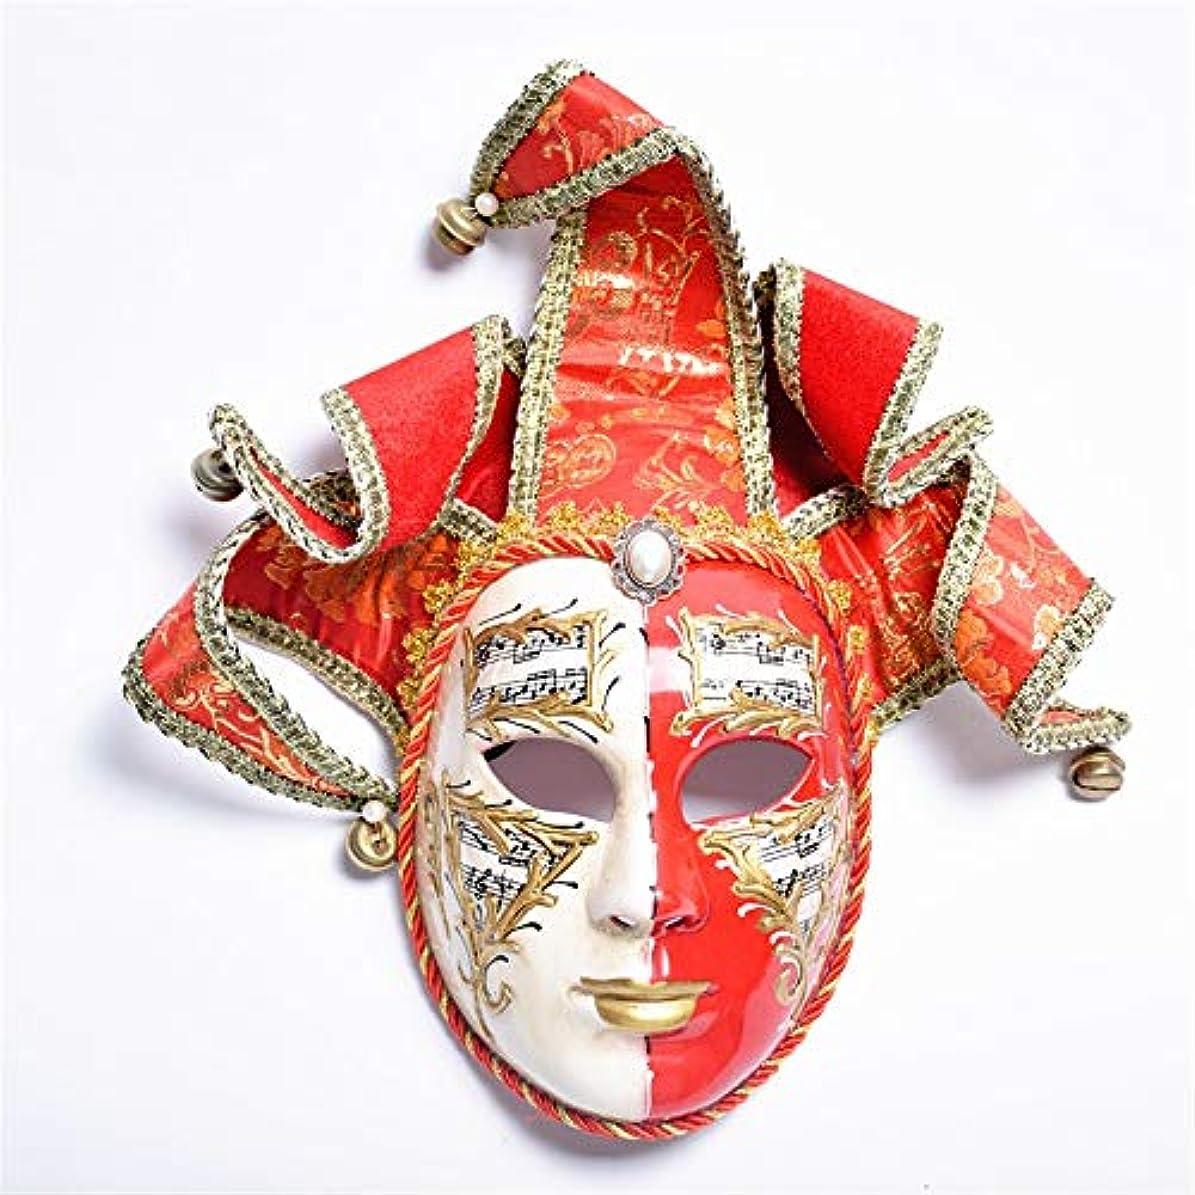 満足させる列挙する砂漠ダンスマスク レッドゴールドマスク女性仮装パーティーナイトクラブロールプレイング装飾プラスチックマスク パーティーマスク ( 色 : Red+Gold , サイズ : 33x31cm )